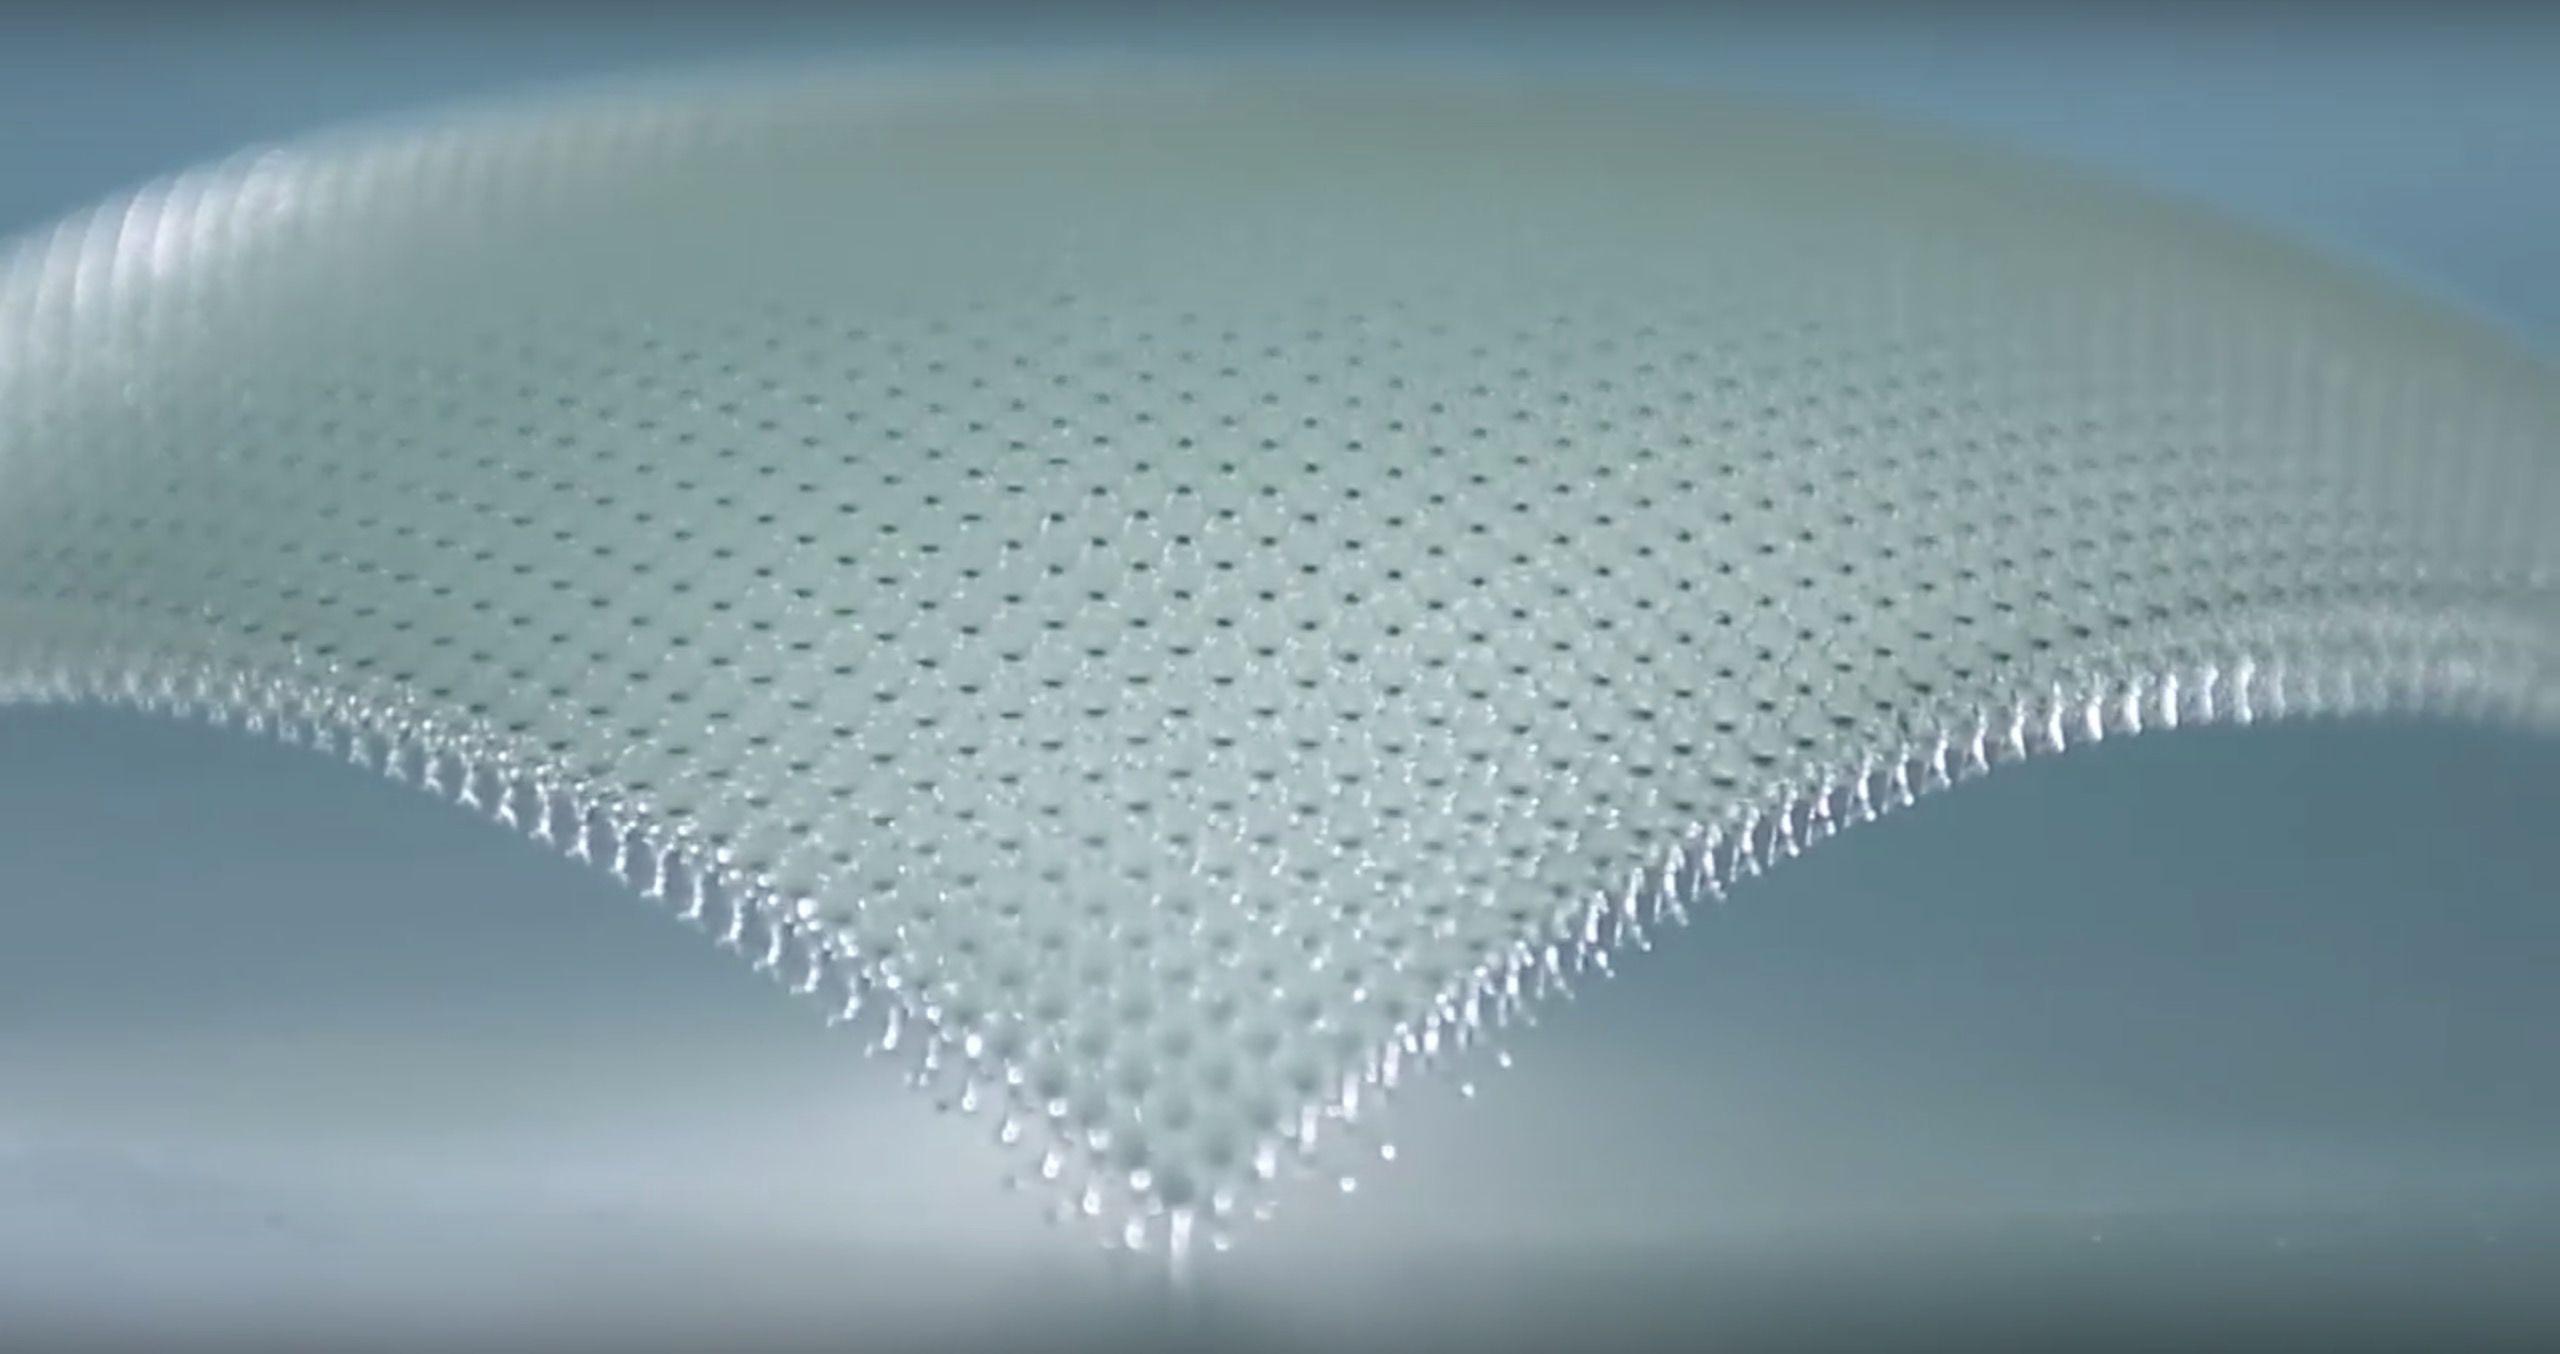 タンポポの綿毛より軽い「世界最軽量の金属素材」とは?